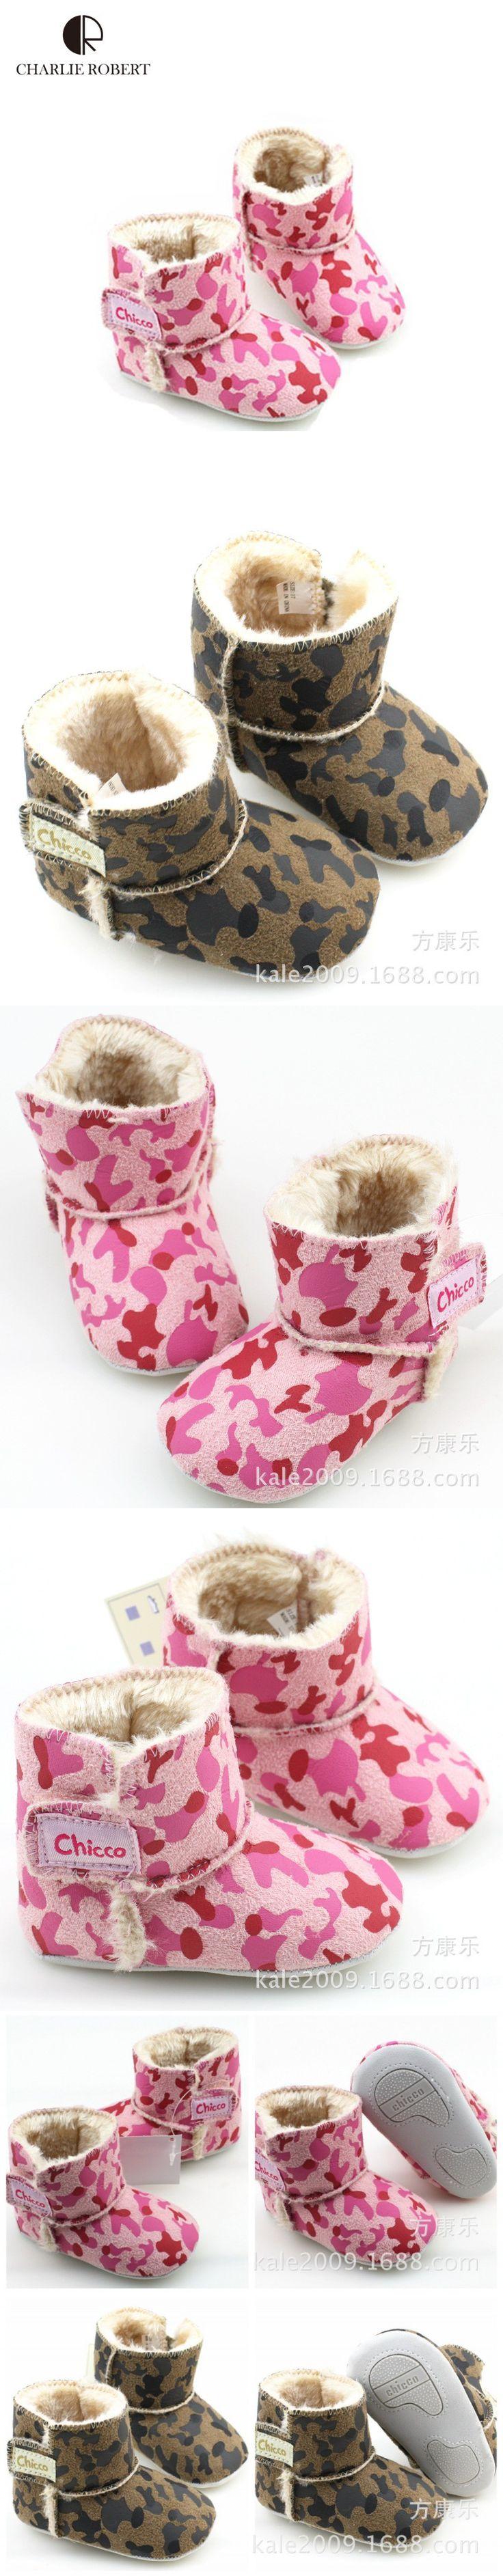 Mejores 22 imágenes de Baby boots en Pinterest | Zapatillas, Ropa ...